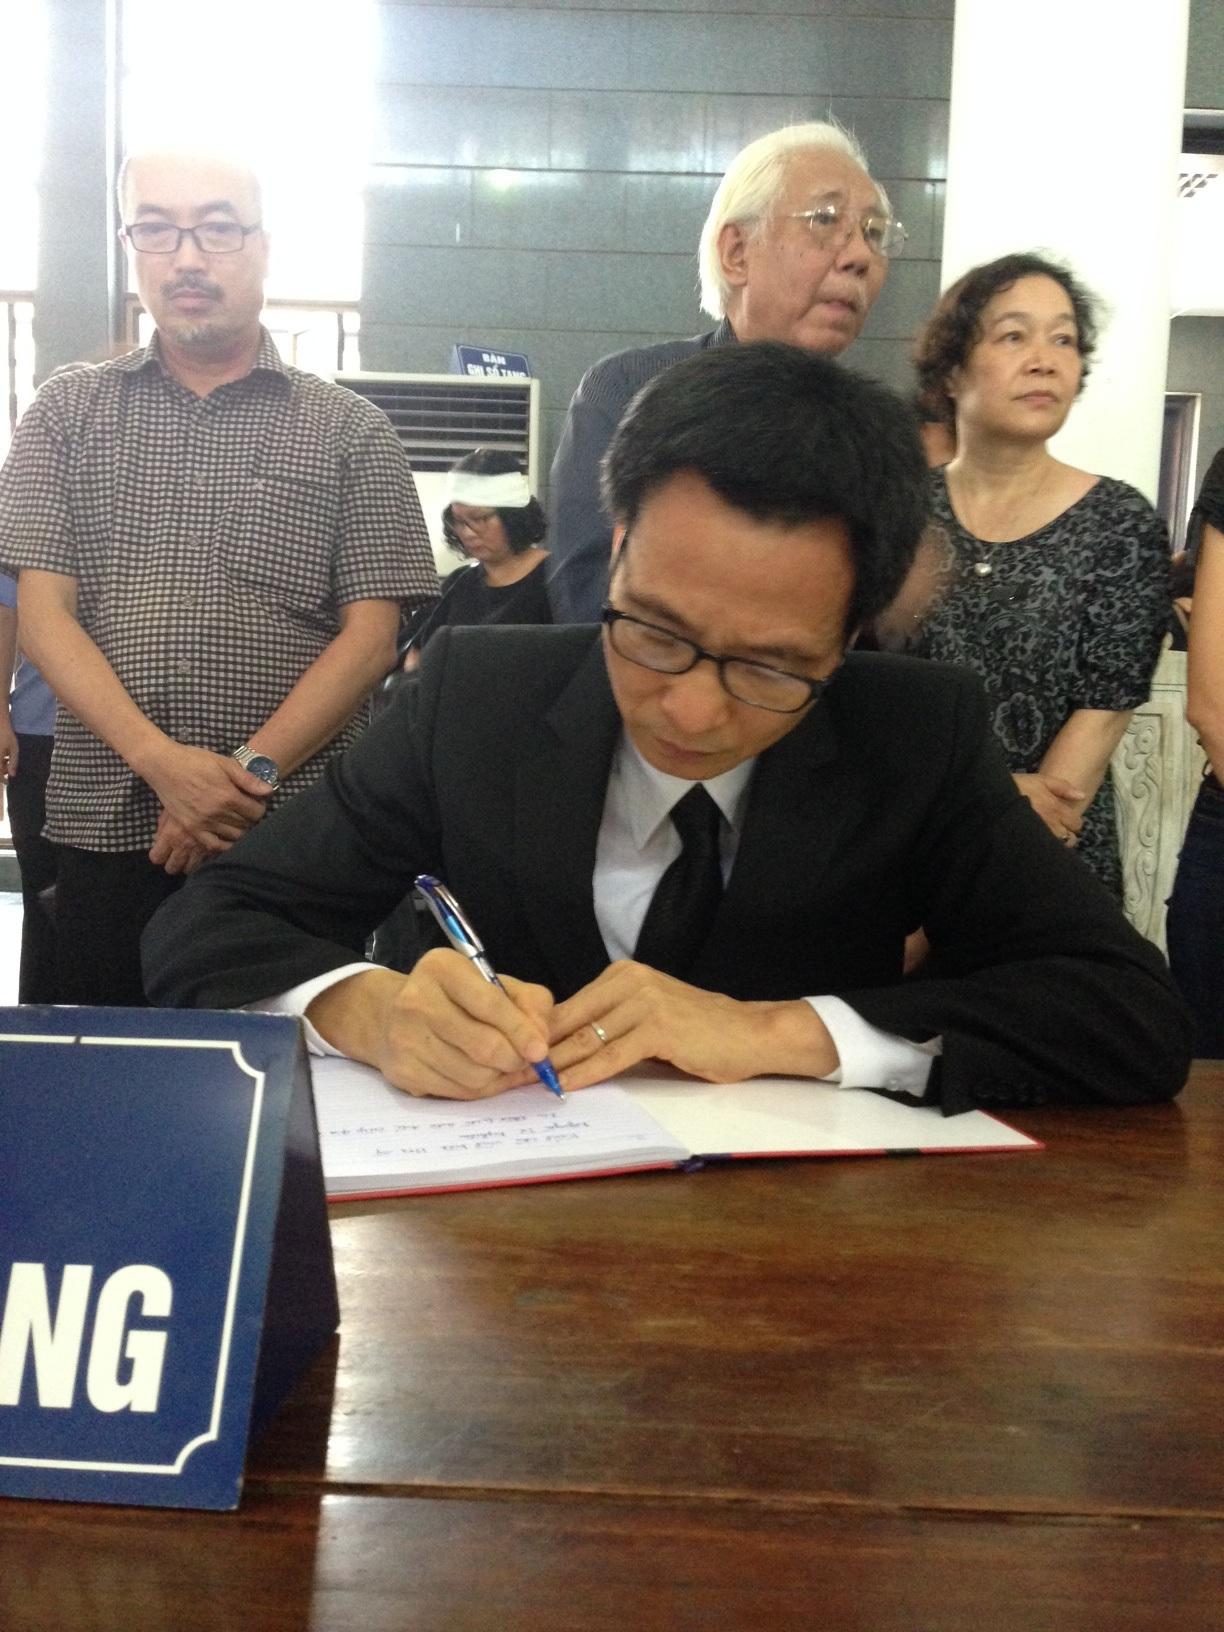 Phó Thủ tướng Vũ Đức Đam tiễn biệt danh họa Nguyễn Tư Nghiêm - 4